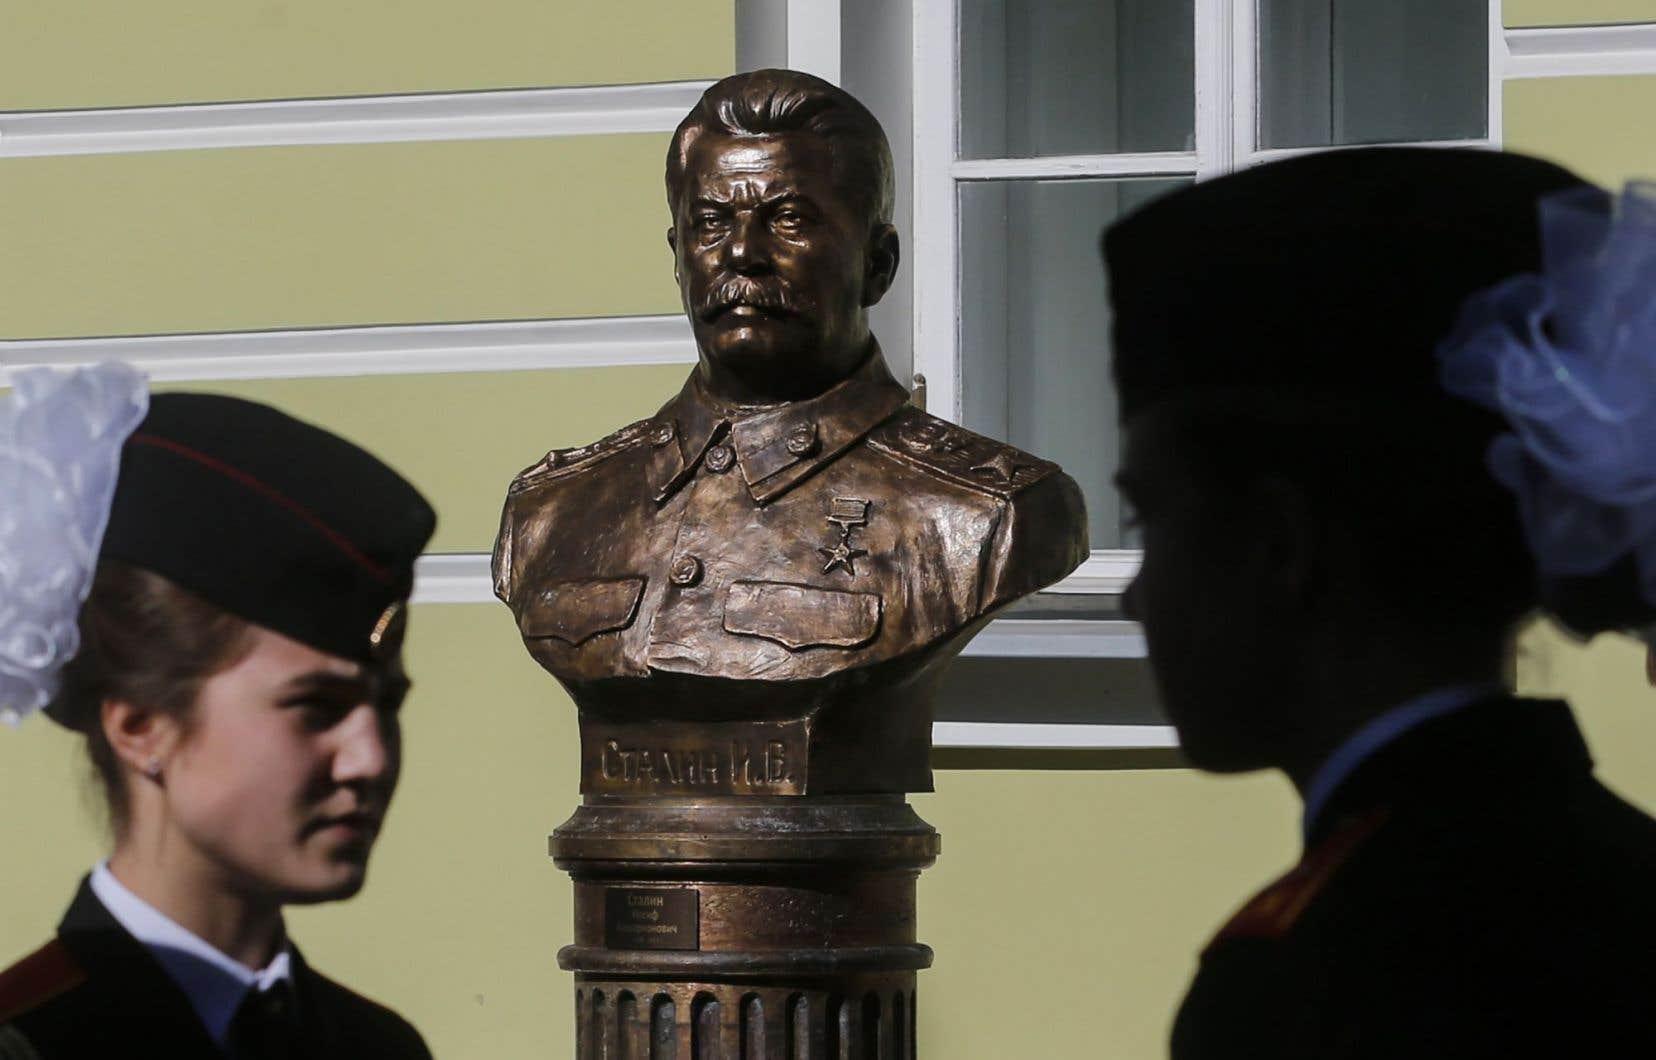 La sculpture de Staline a été inaugurée en même temps que celle des six autres dirigeants soviétiques, disposées dans l'ordre chronologique de Lénine, fondateur de l'URSS, à Mikhaïl Gorbatchev, son fossoyeur.